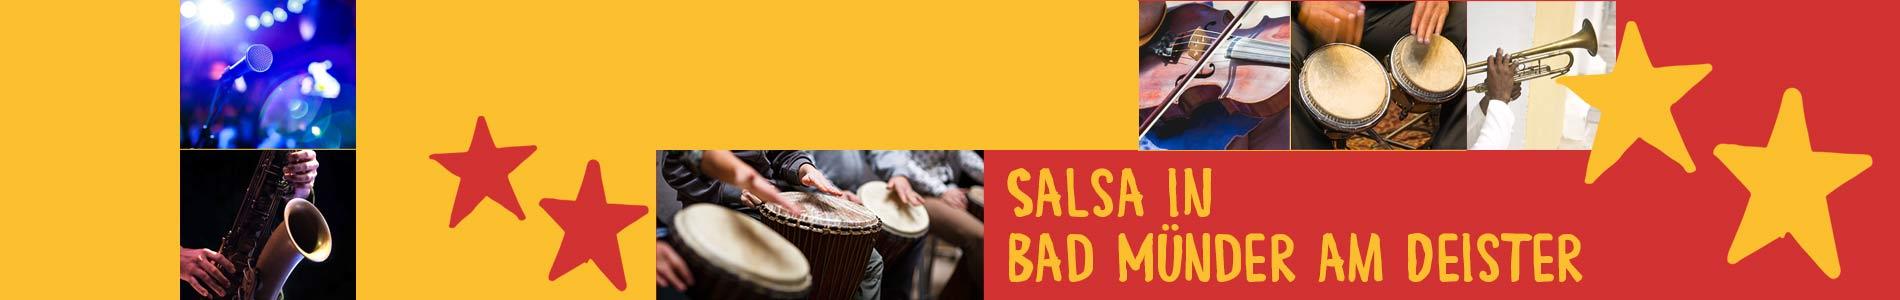 Salsa in Bad Münder am Deister – Salsa lernen und tanzen, Tanzkurse, Partys, Veranstaltungen